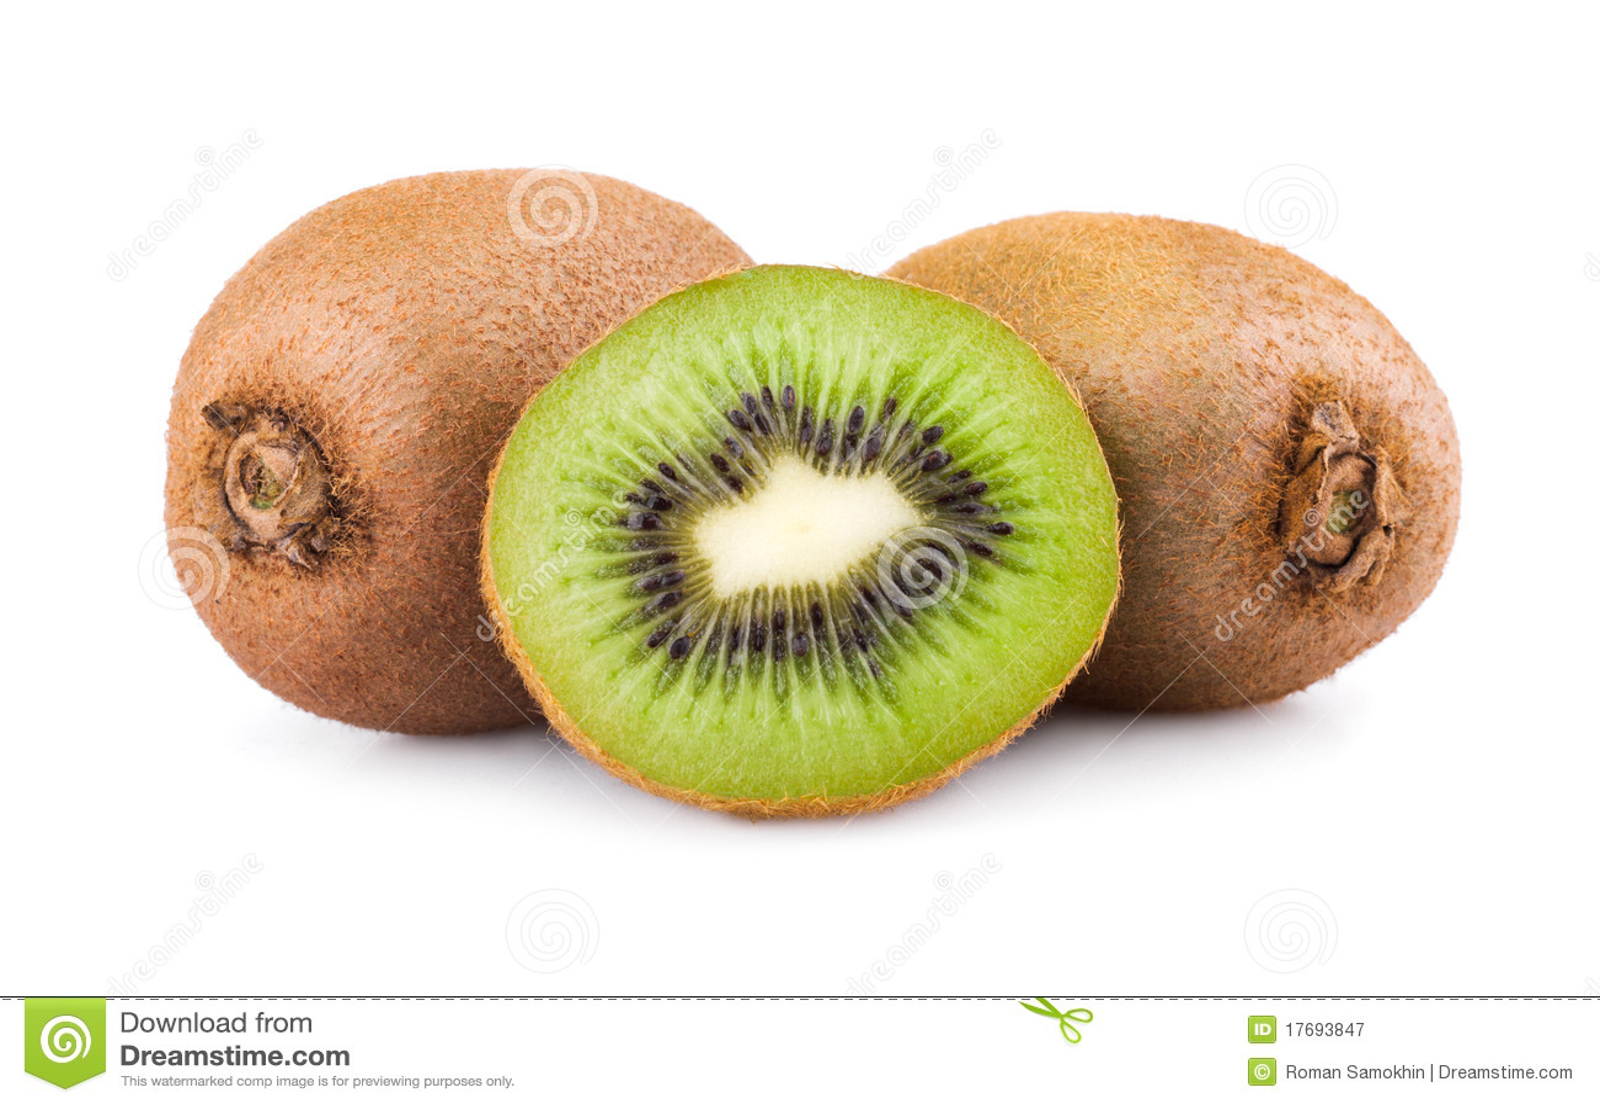 Owocowy kiwi